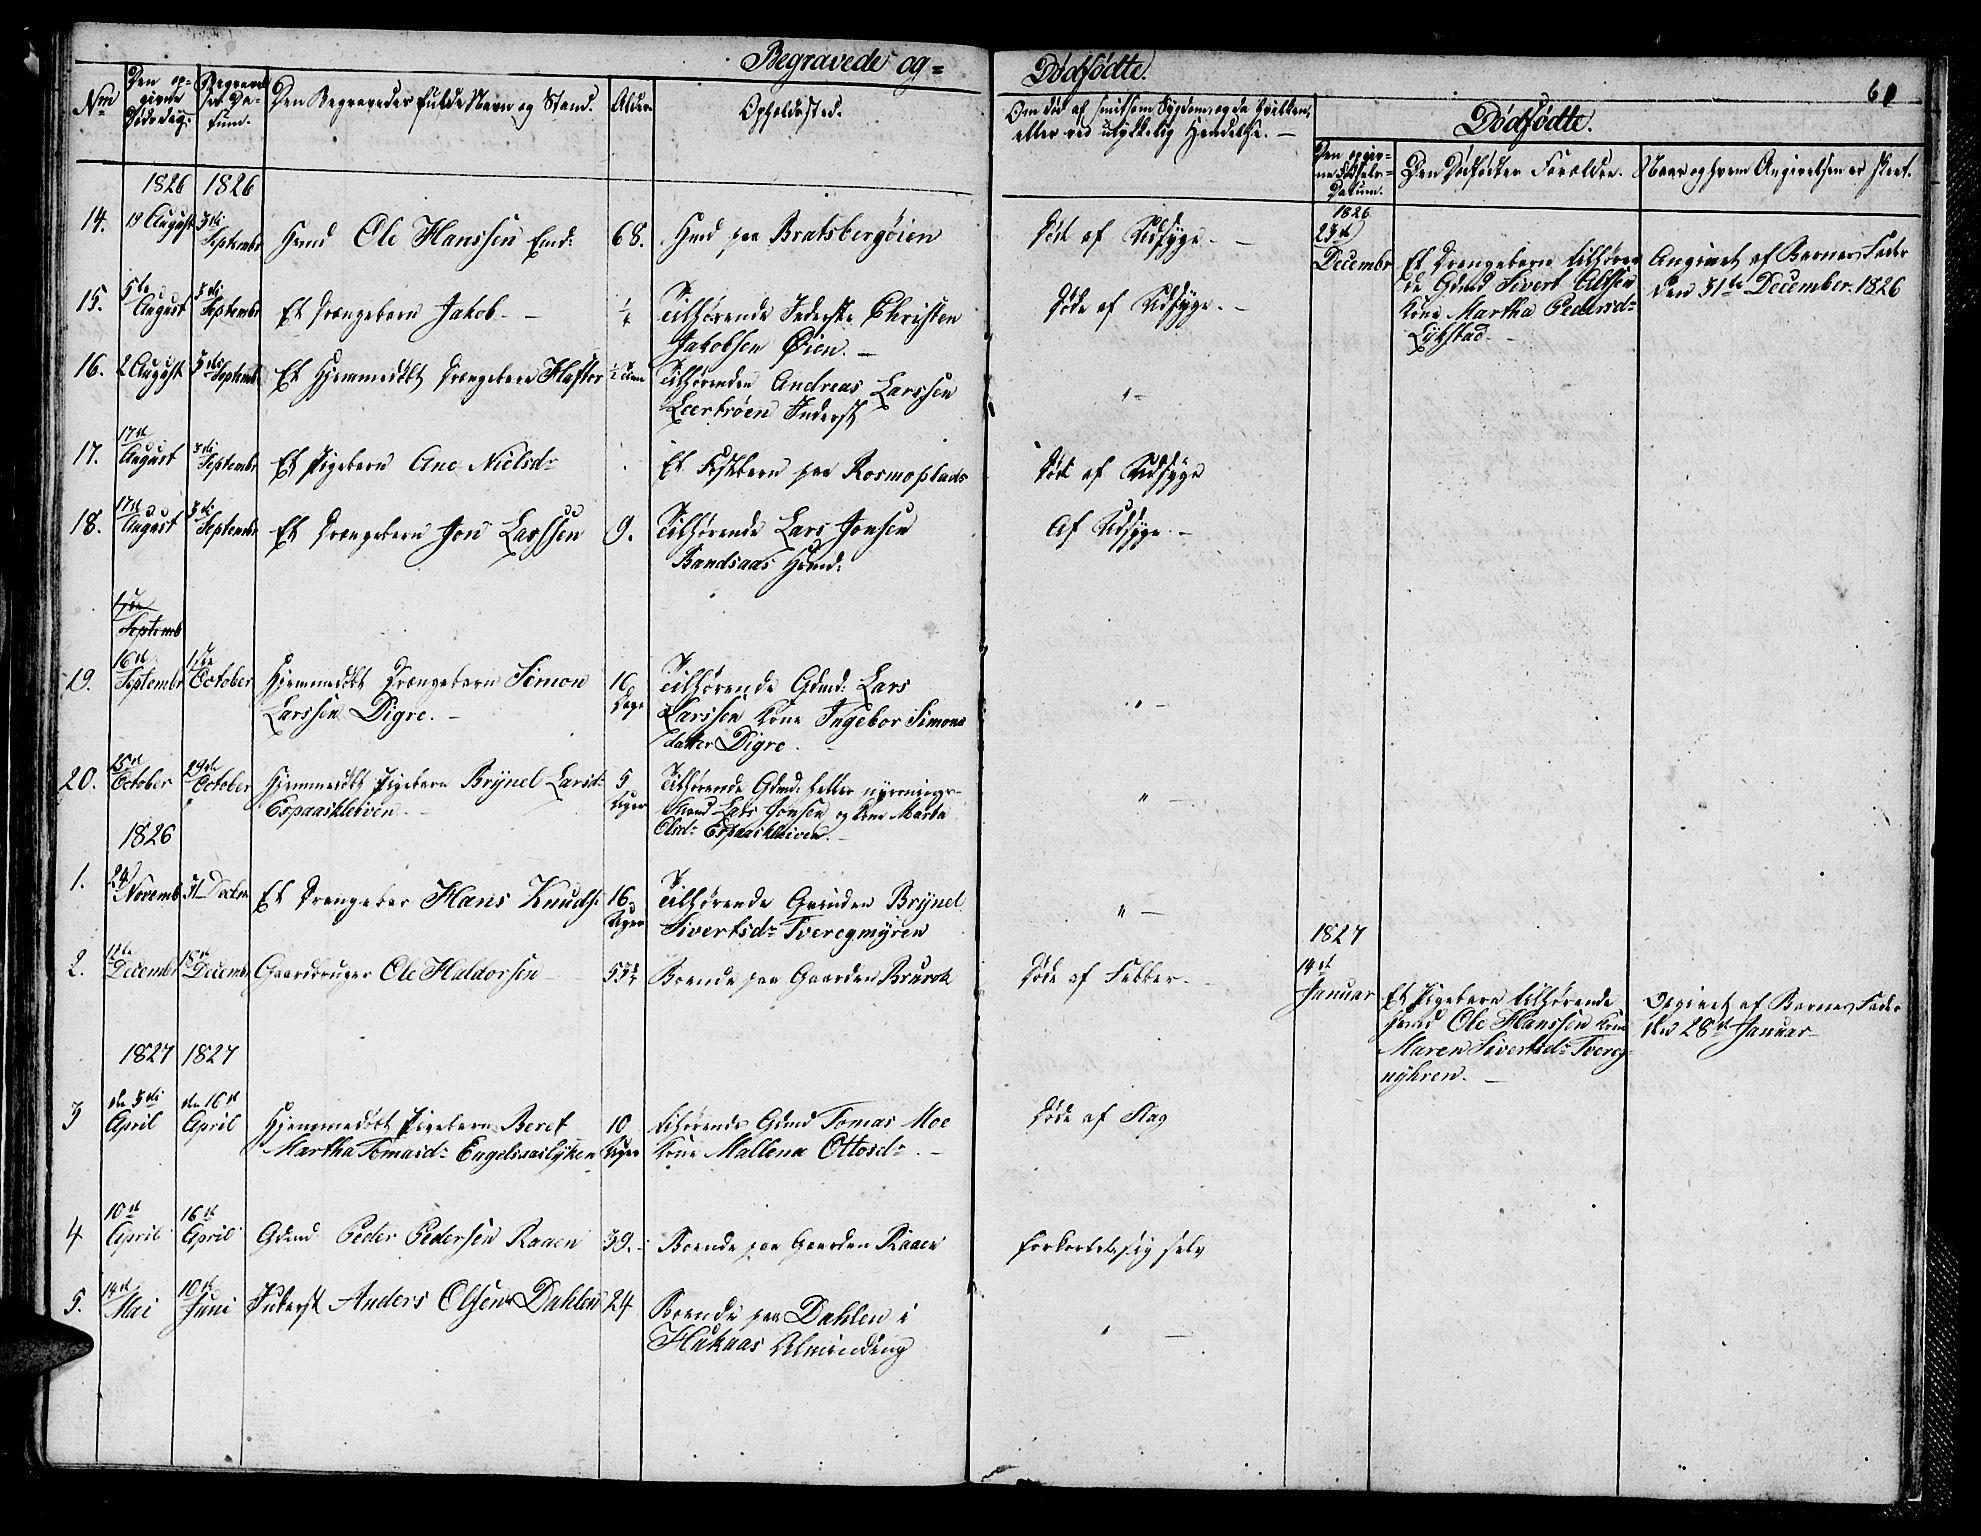 SAT, Ministerialprotokoller, klokkerbøker og fødselsregistre - Sør-Trøndelag, 608/L0337: Klokkerbok nr. 608C03, 1821-1831, s. 61